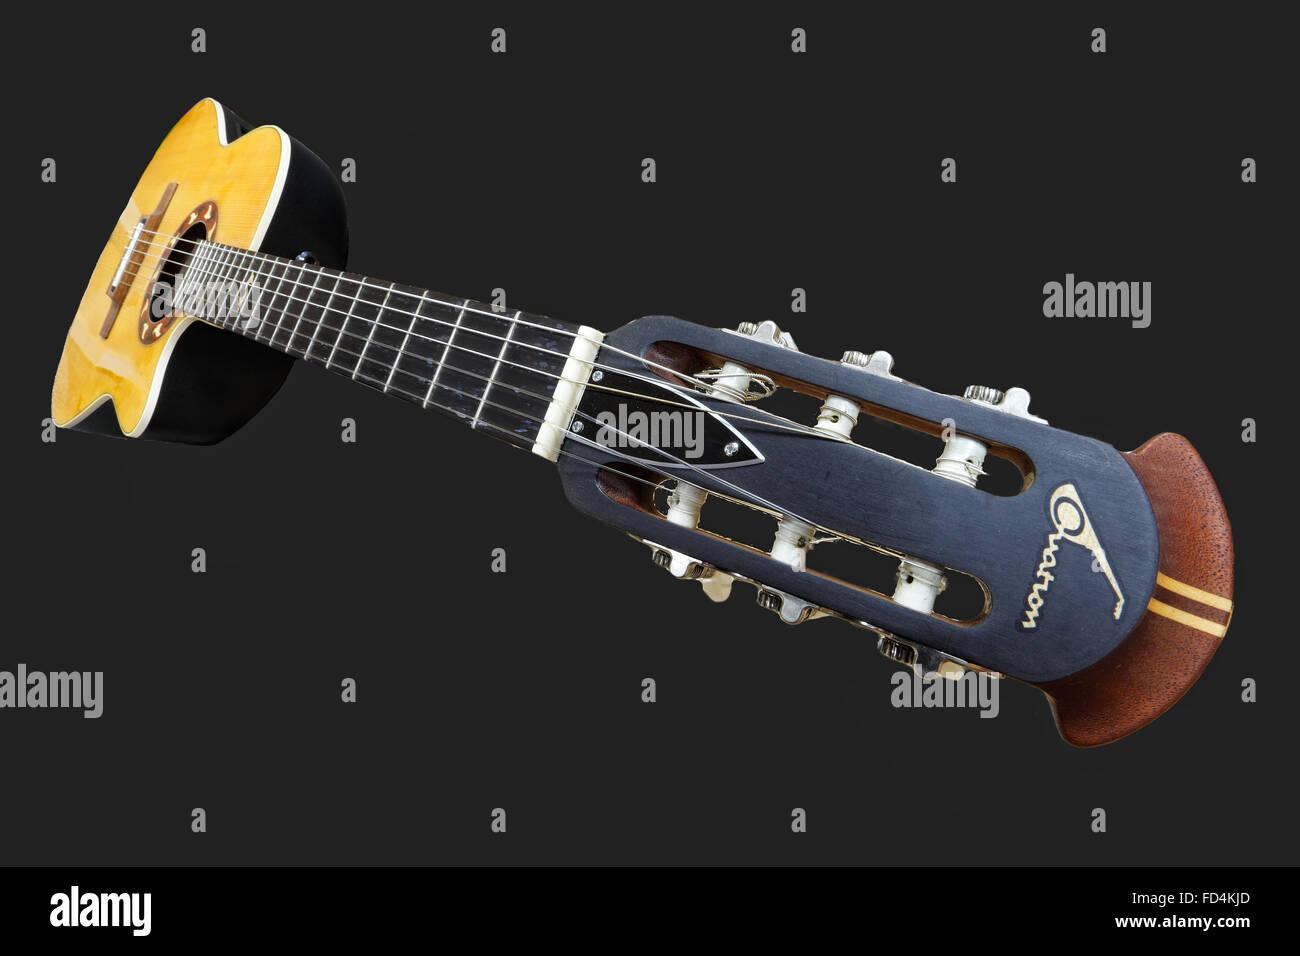 Una guitarra clásica de cerrar vista con perspectiva Imagen De Stock